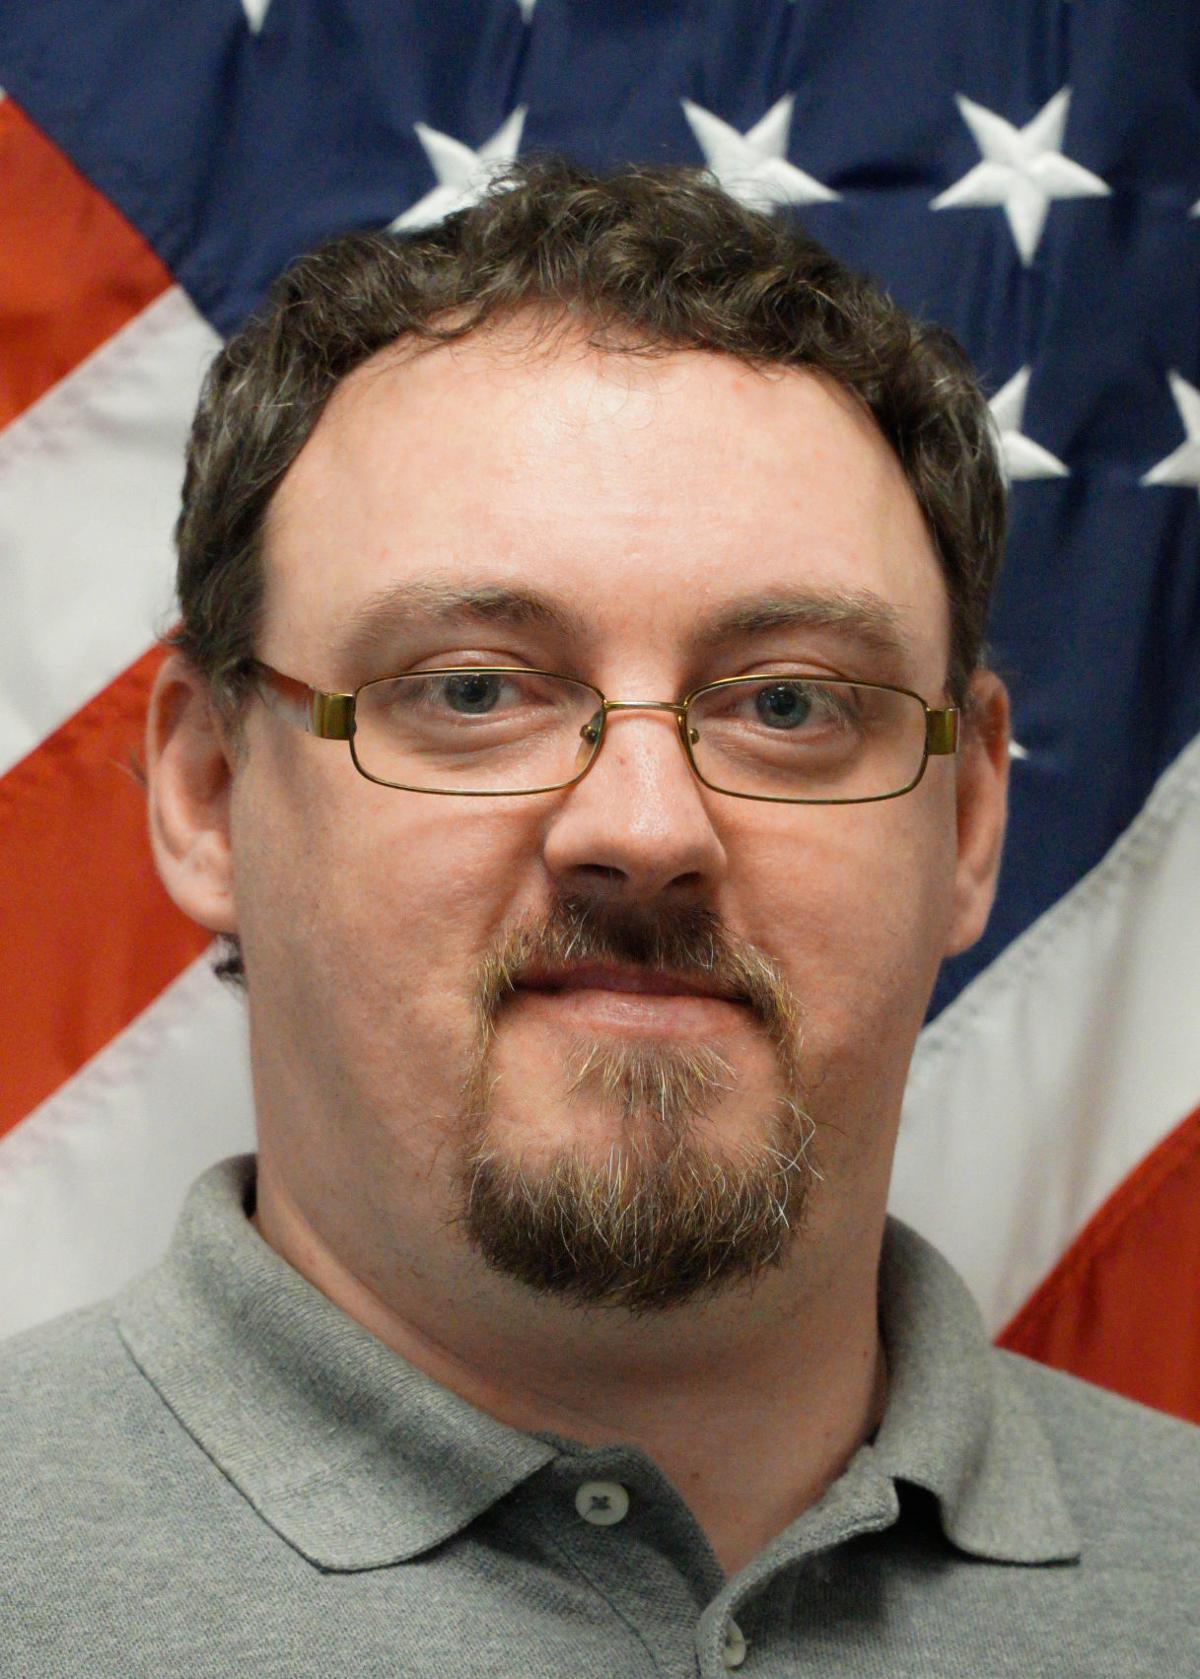 Riverside Regional Jail Officer Joseph LaVigne